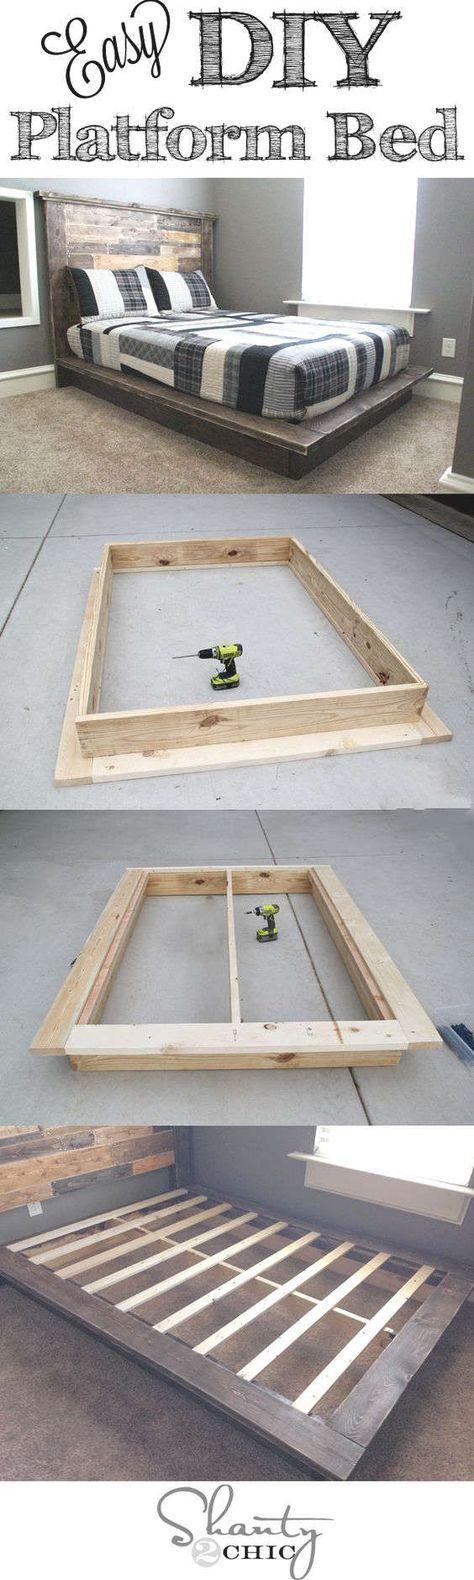 Fabriquer un lit plateforme en bois. Platform bed diy | bibliothèque ...